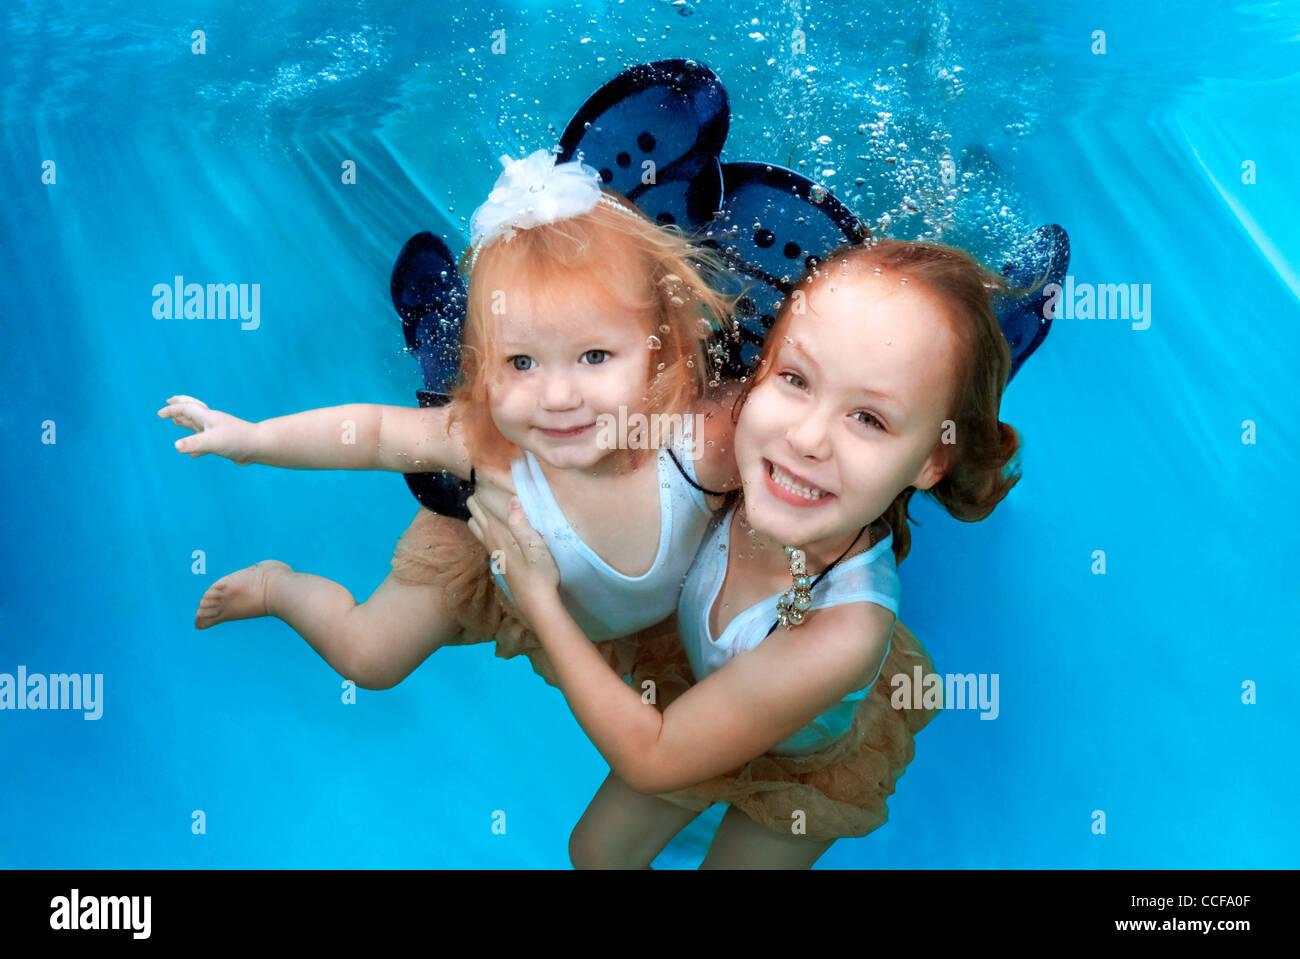 Deux jeunes filles avec des ailes de papillon de sourire et s'amuser sous l'eau Photo Stock